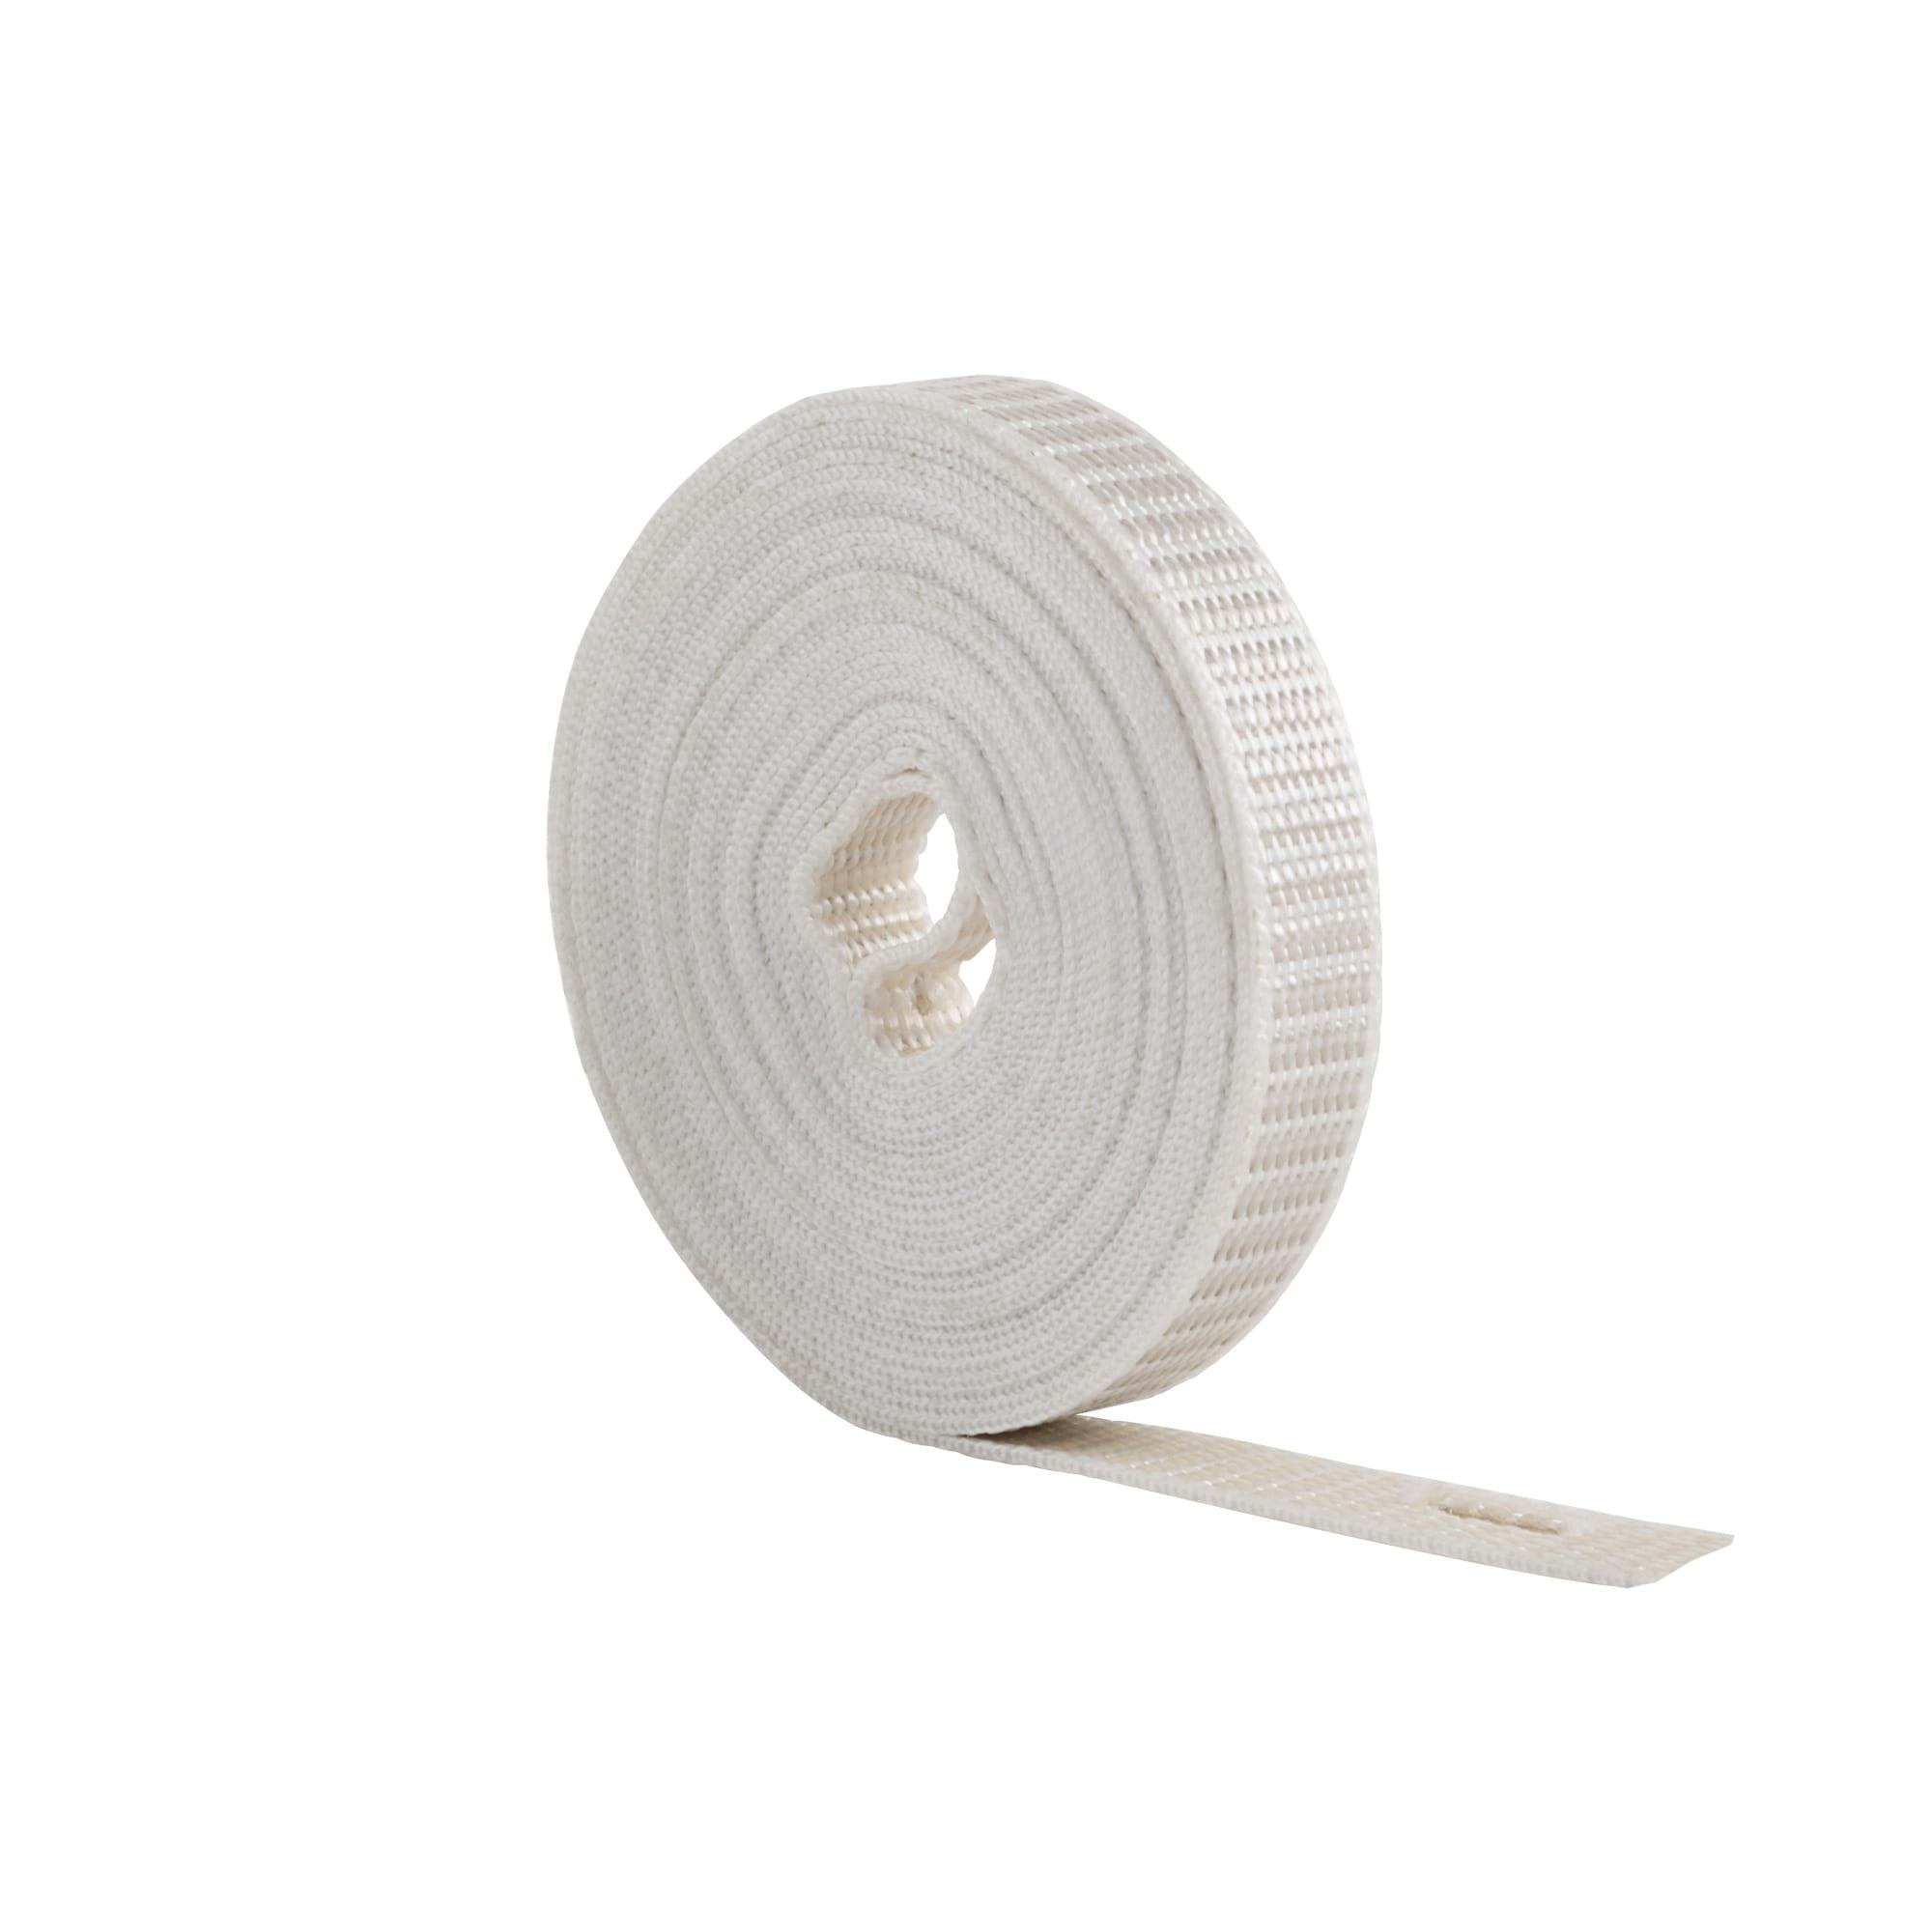 jarolift 4 5m rollladenwendegurt gurtbreite 14mm farbe beige grau. Black Bedroom Furniture Sets. Home Design Ideas